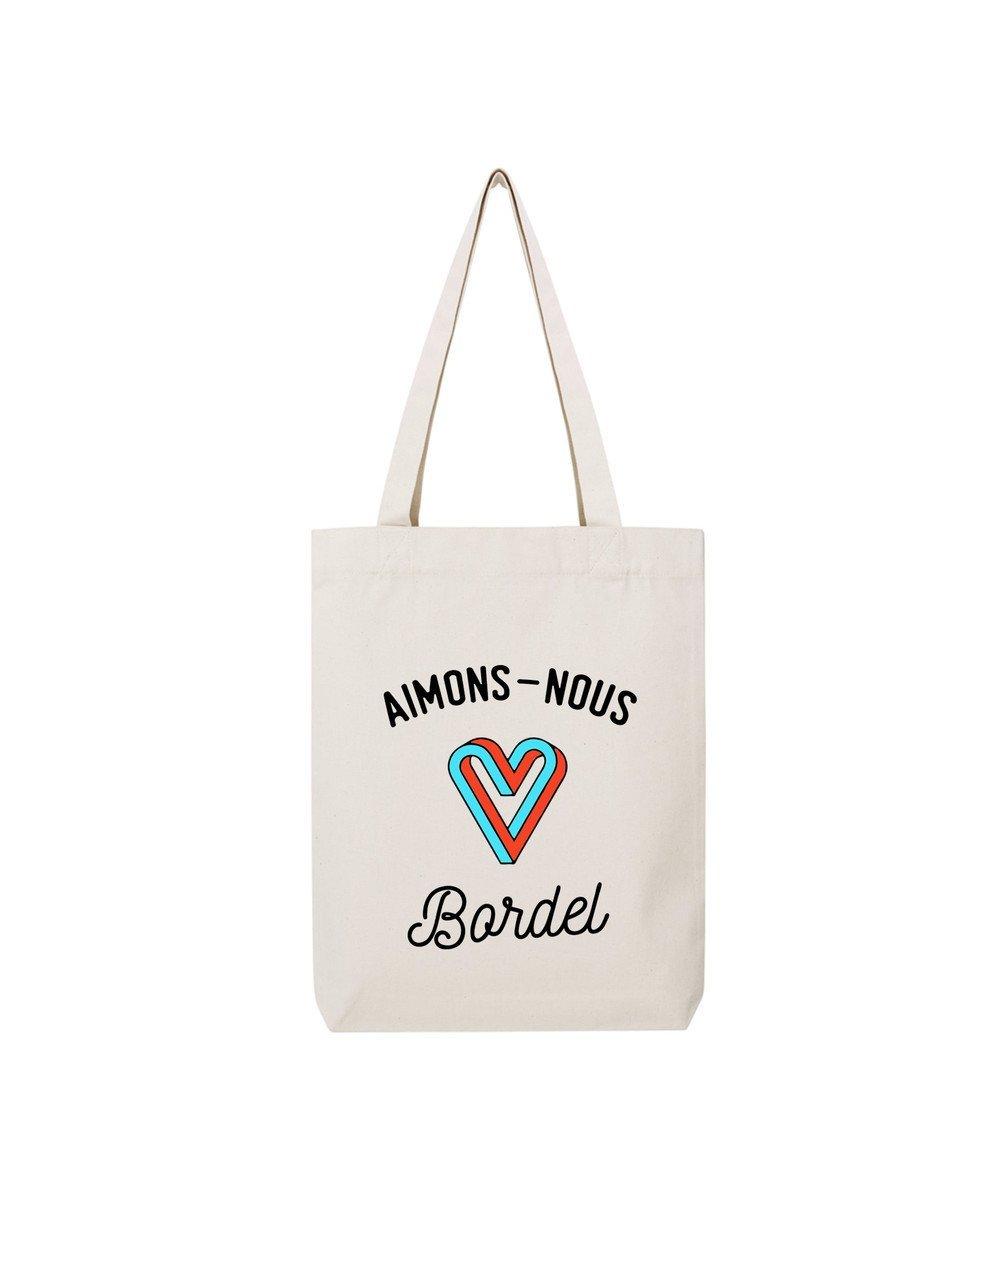 AIMONS NOUS - Tote Bag  Natural  en coton